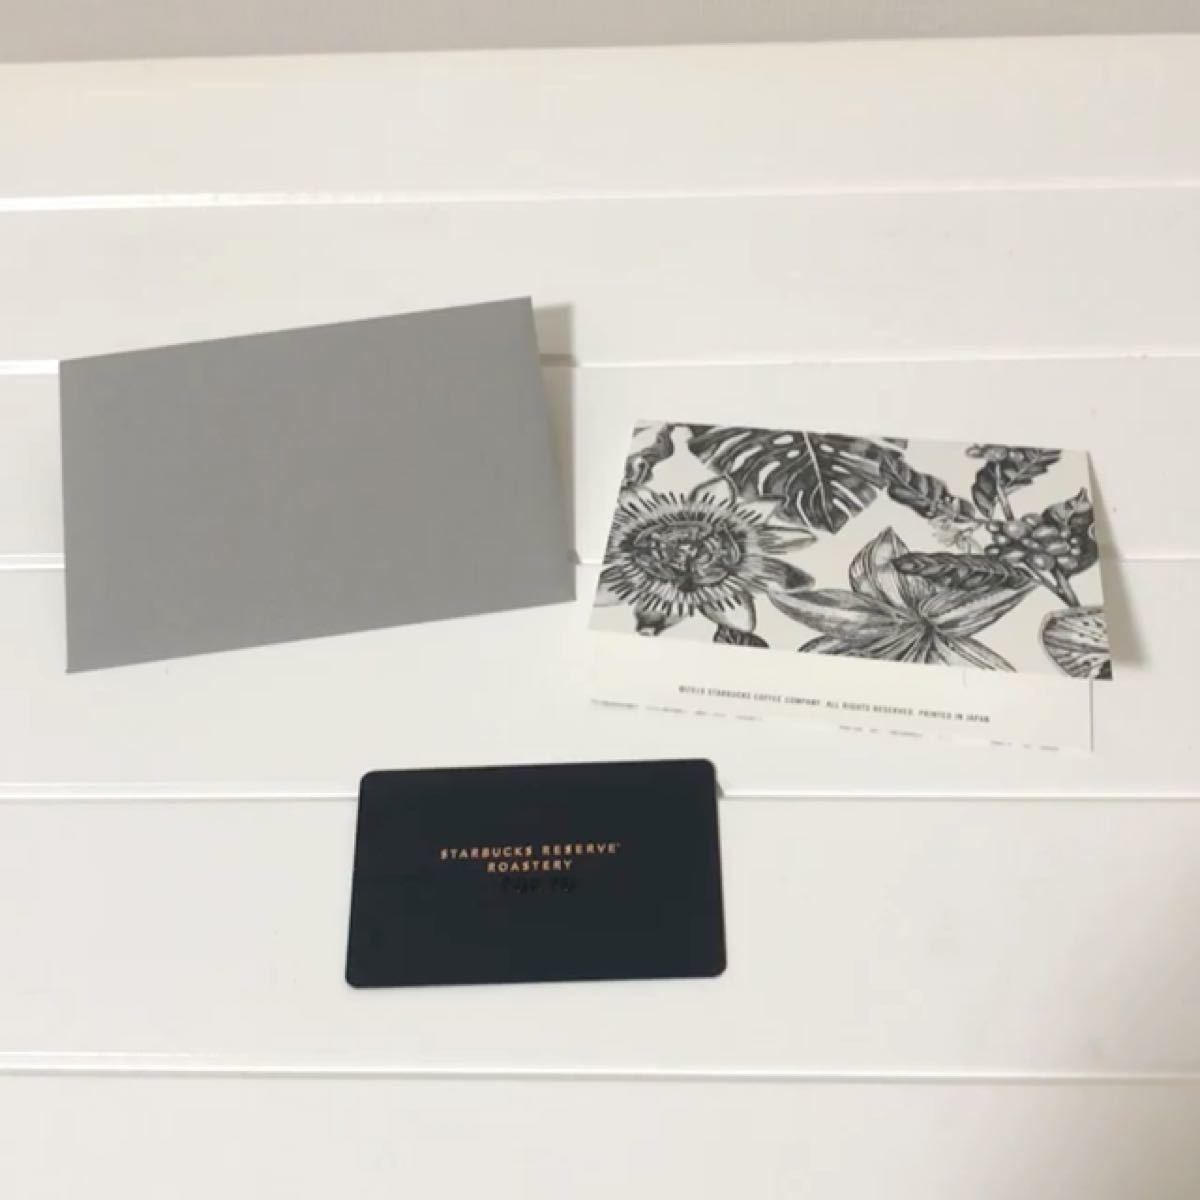 スターバックスロースタリー東京限定柄 カード 第三弾